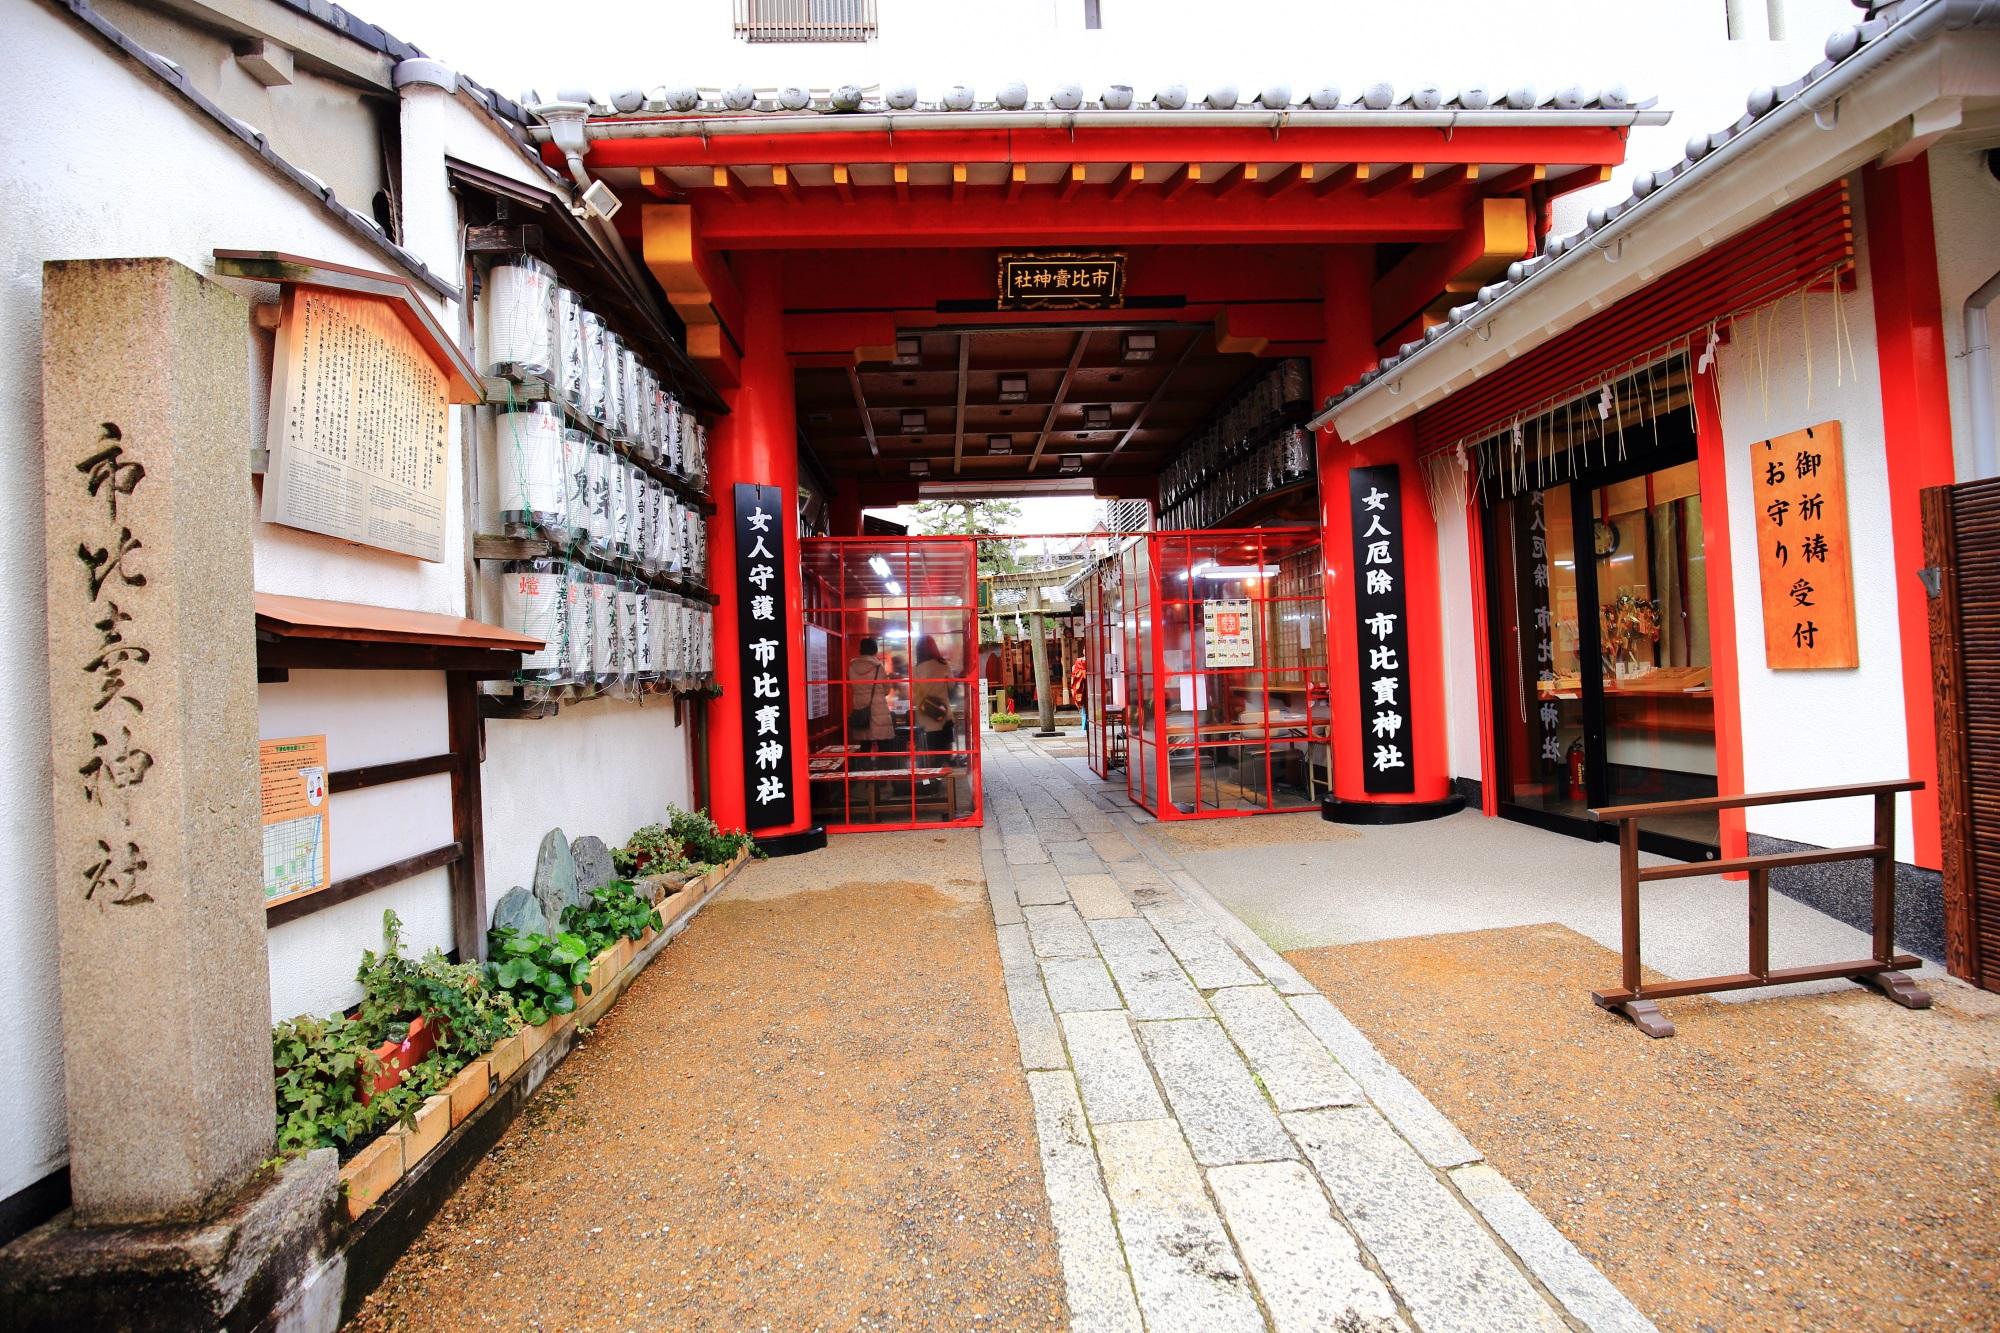 朱色と白を基調とした建物の市比賣神社(いちひめじんじゃ)